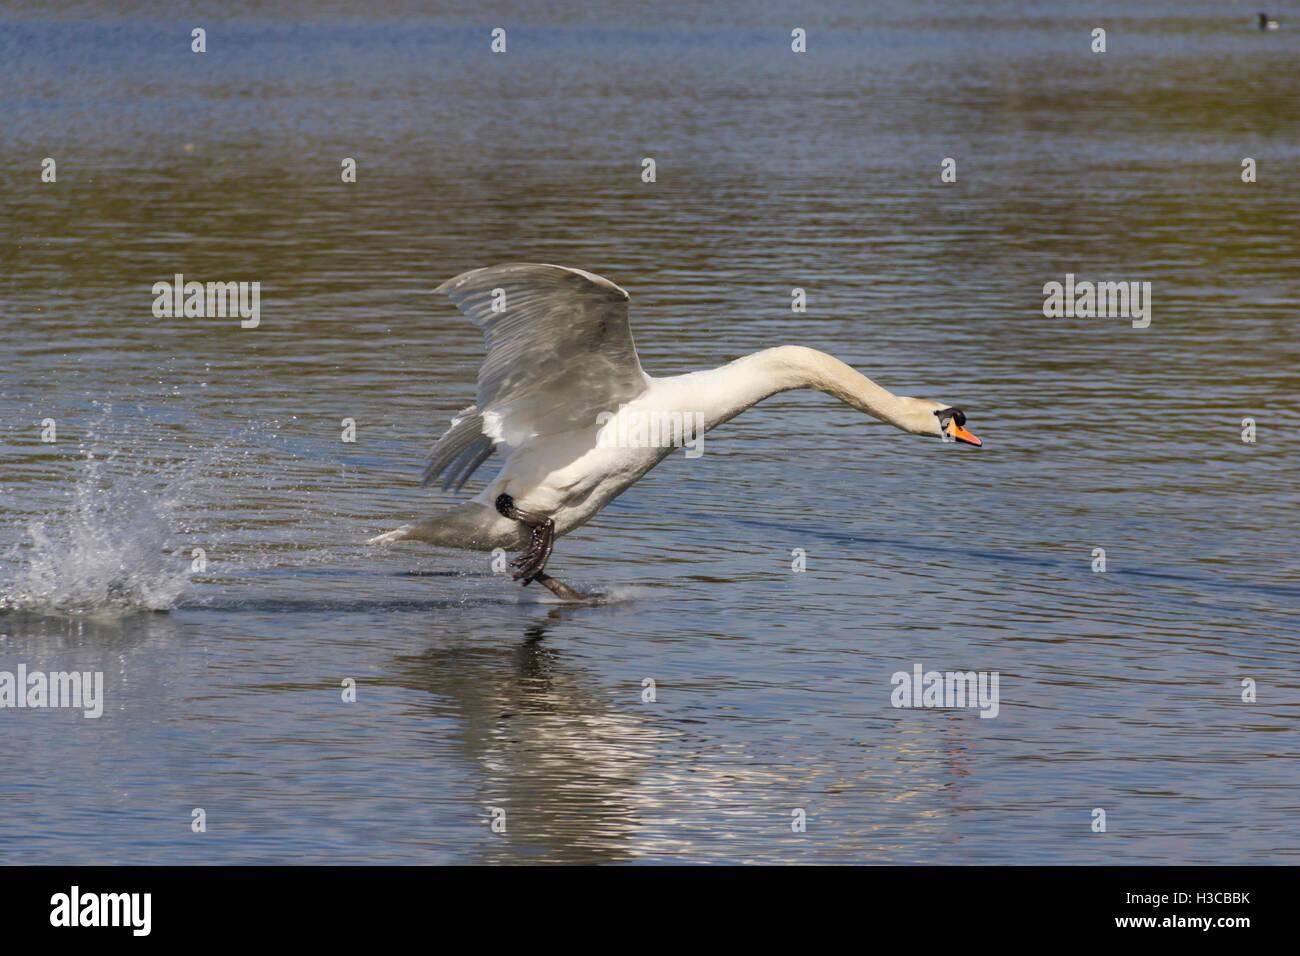 mute-swan-cygnus-olor-landing-on-water-a